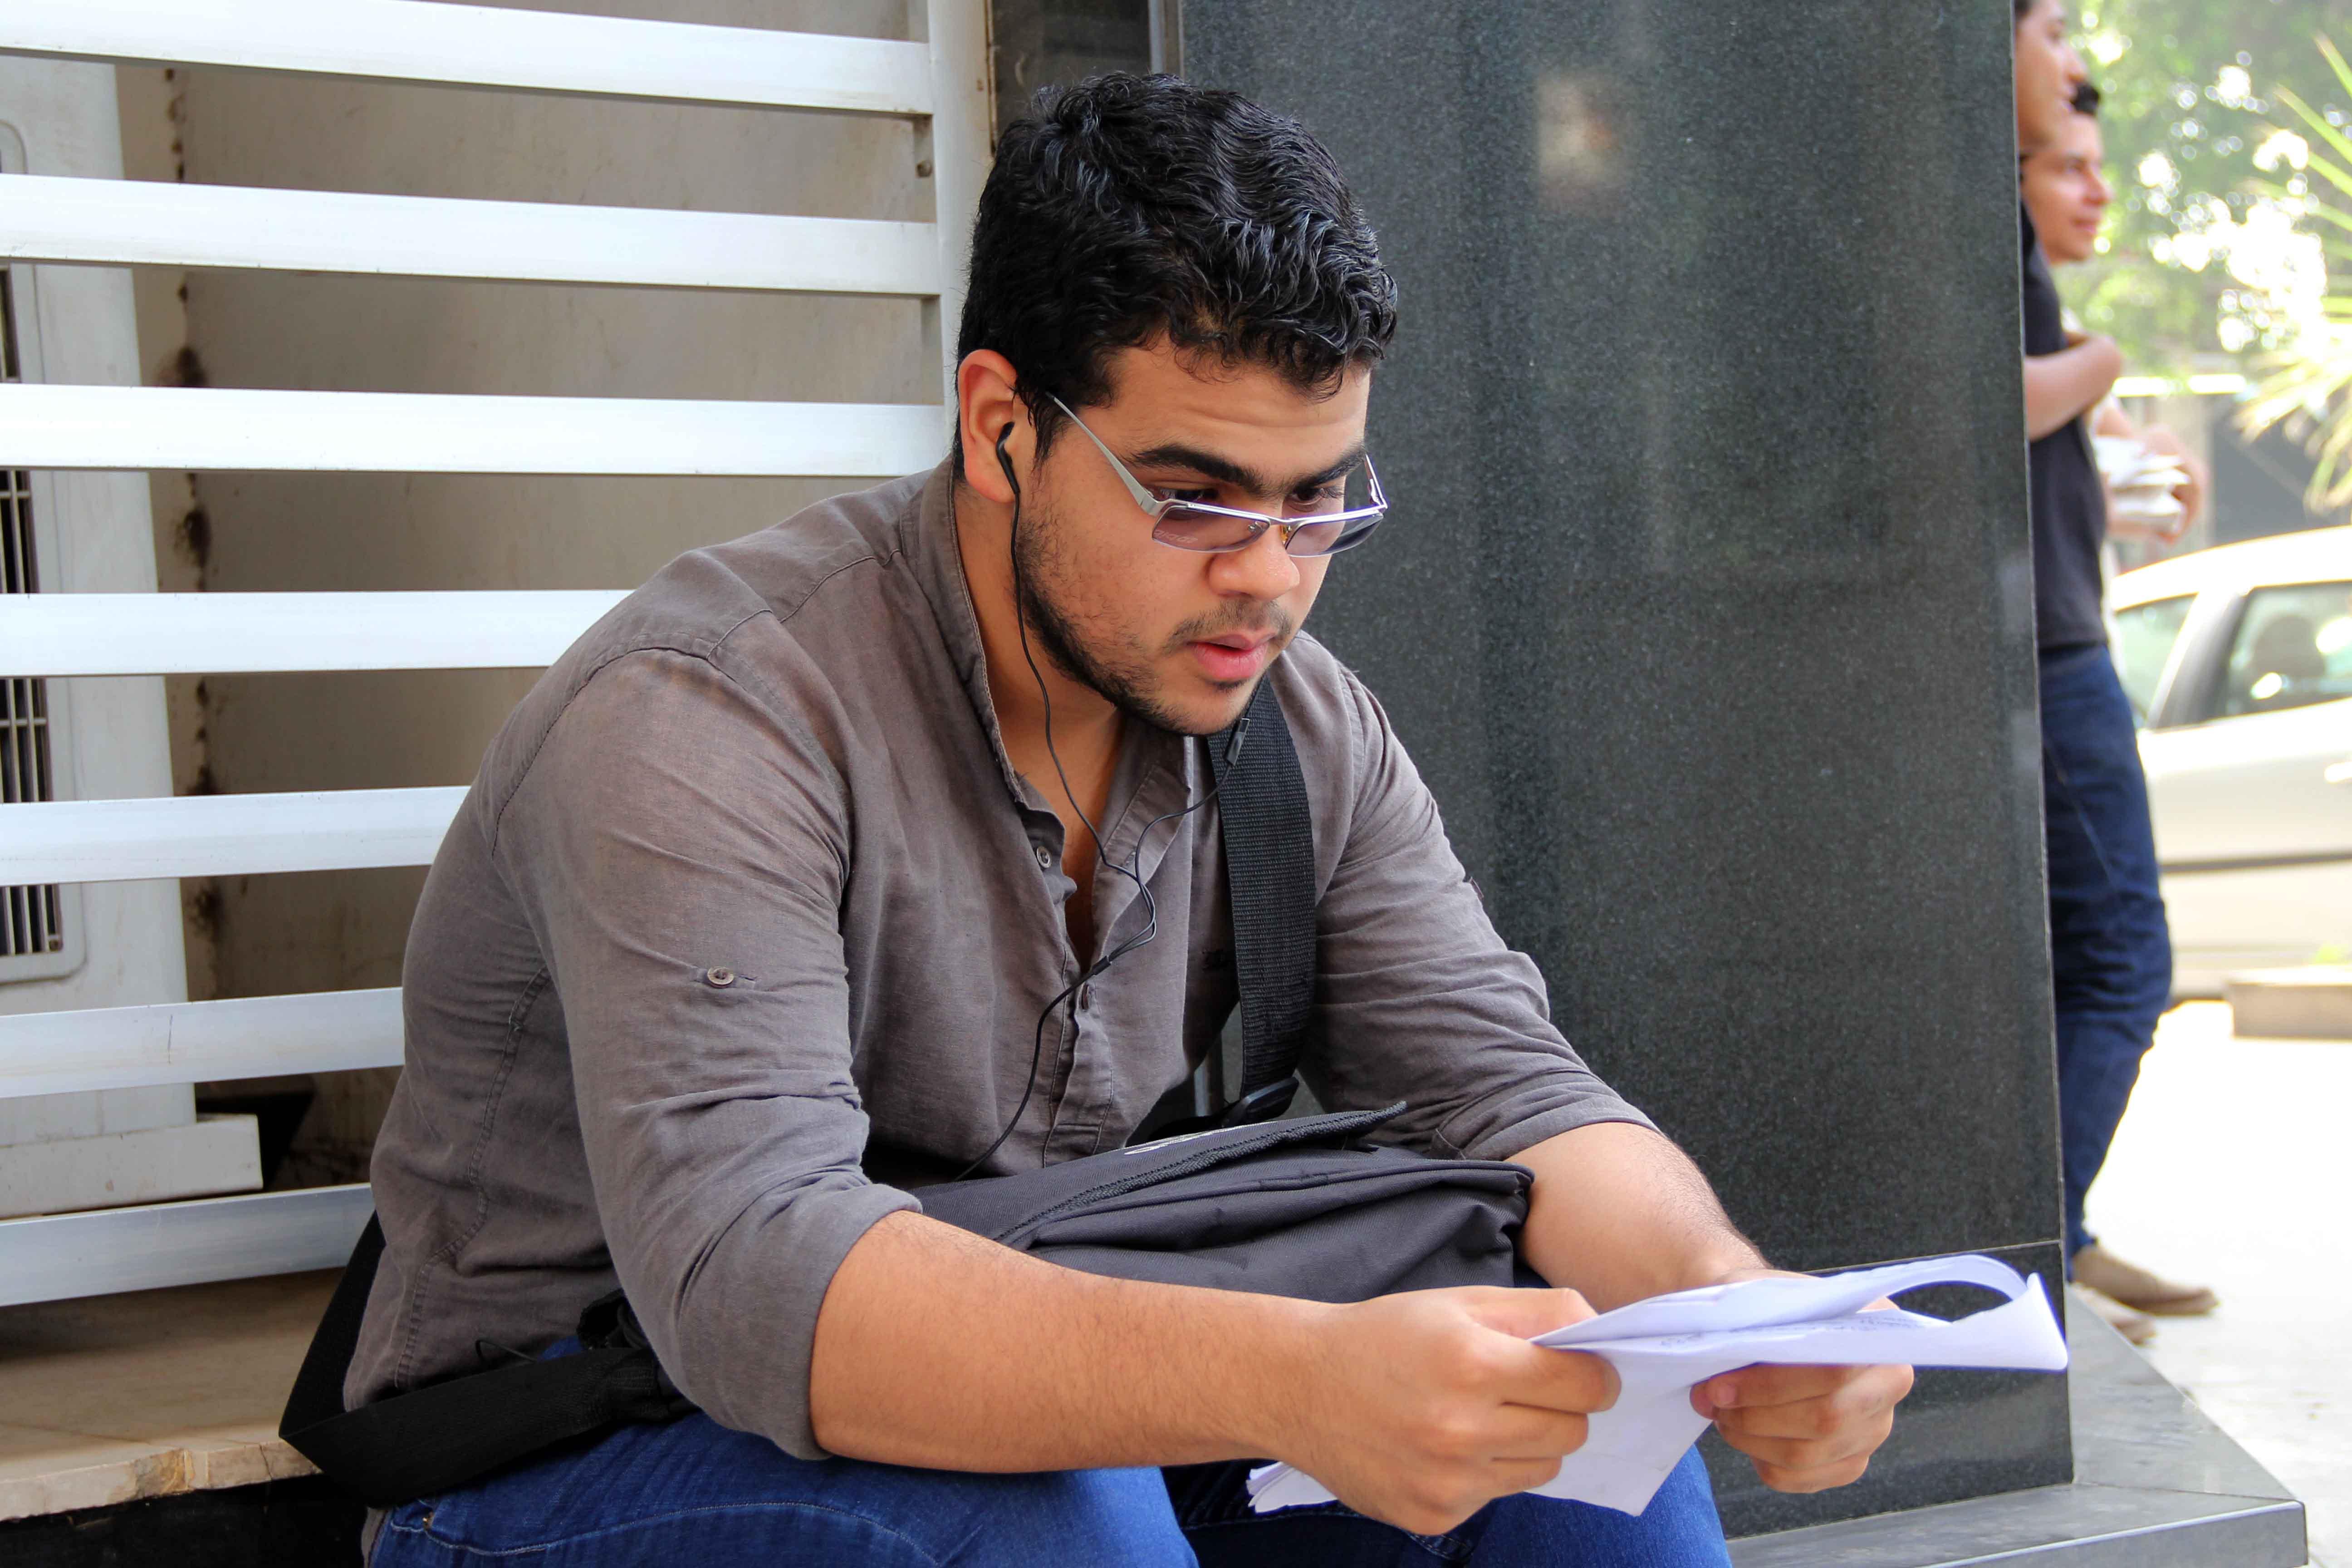 بدء امتحانات الثانويه العامه 8-6-2013 تصوير حسن محمد (6)